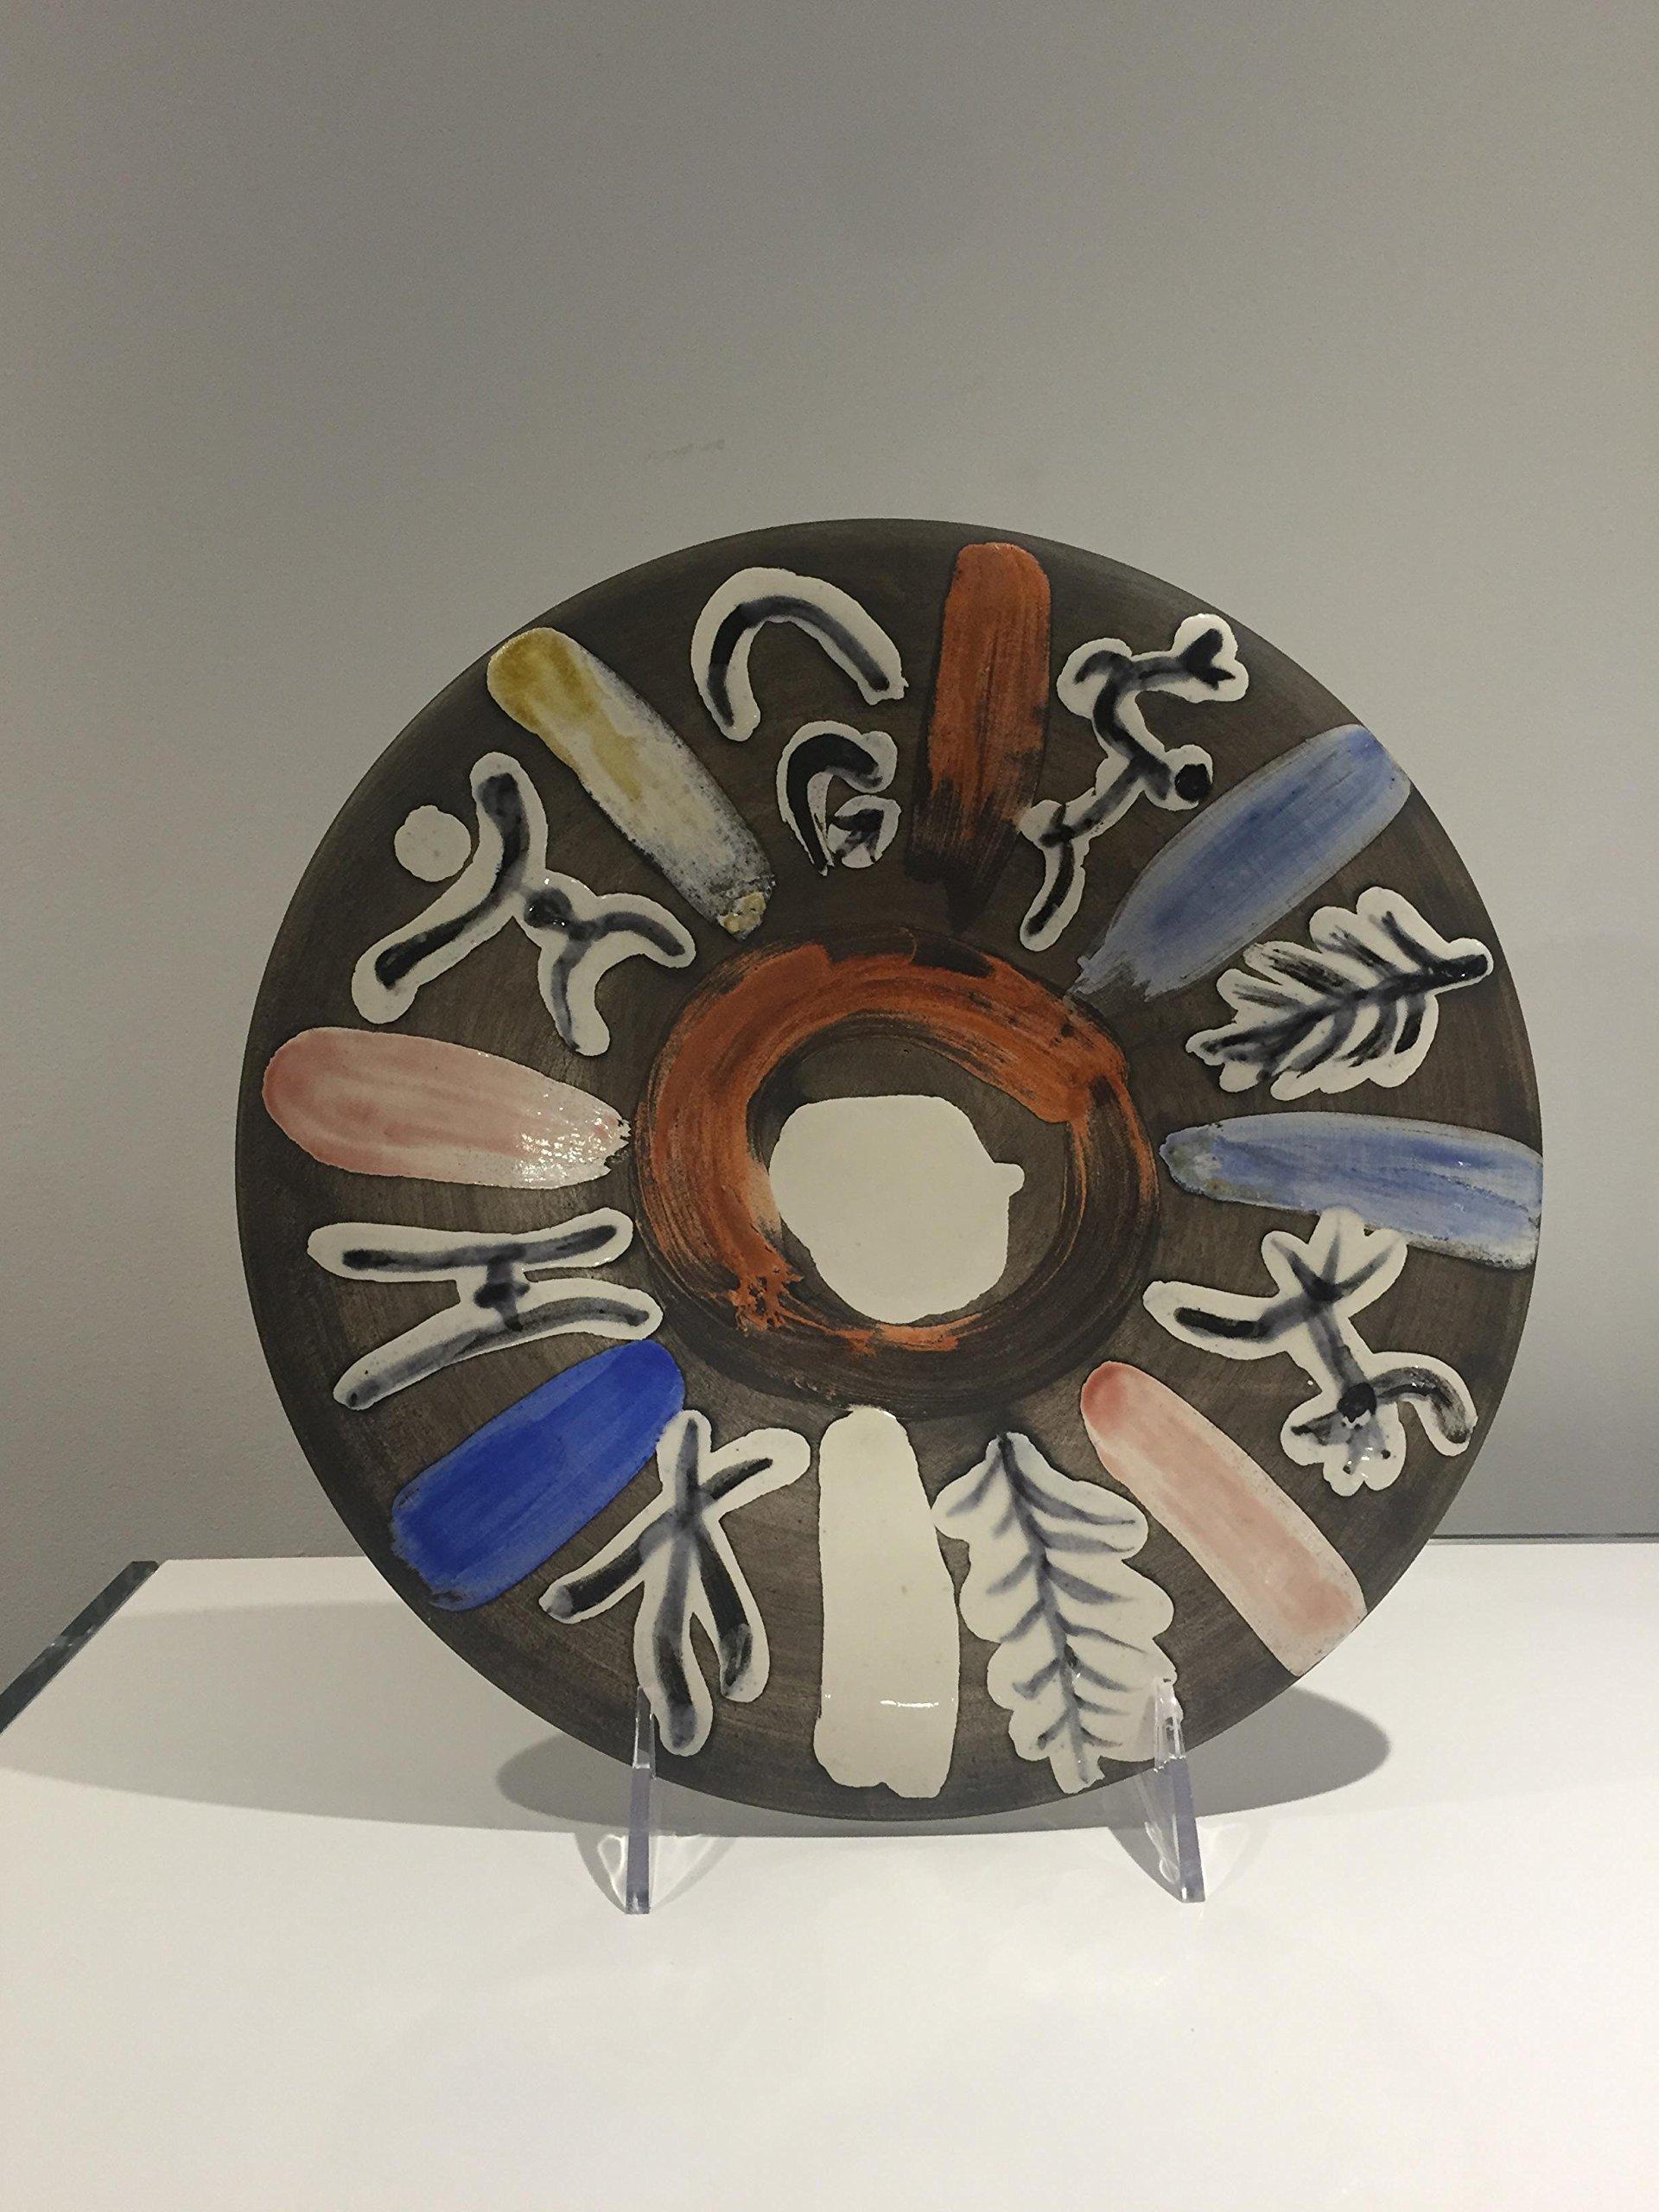 Ramie 465 Motifs Number 45 Picasso Madoura Ceramic